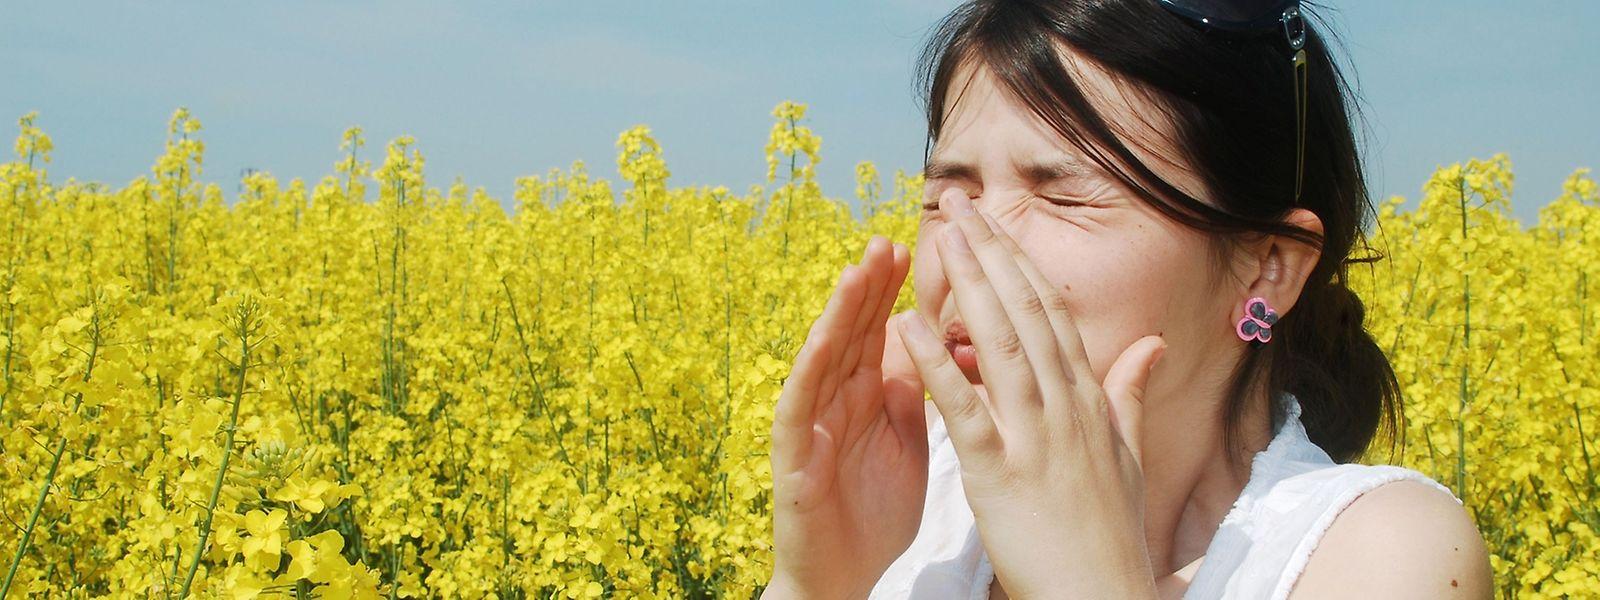 Der lästige Heuschnupfen ist für viele Allergiker eine richtige Plage.